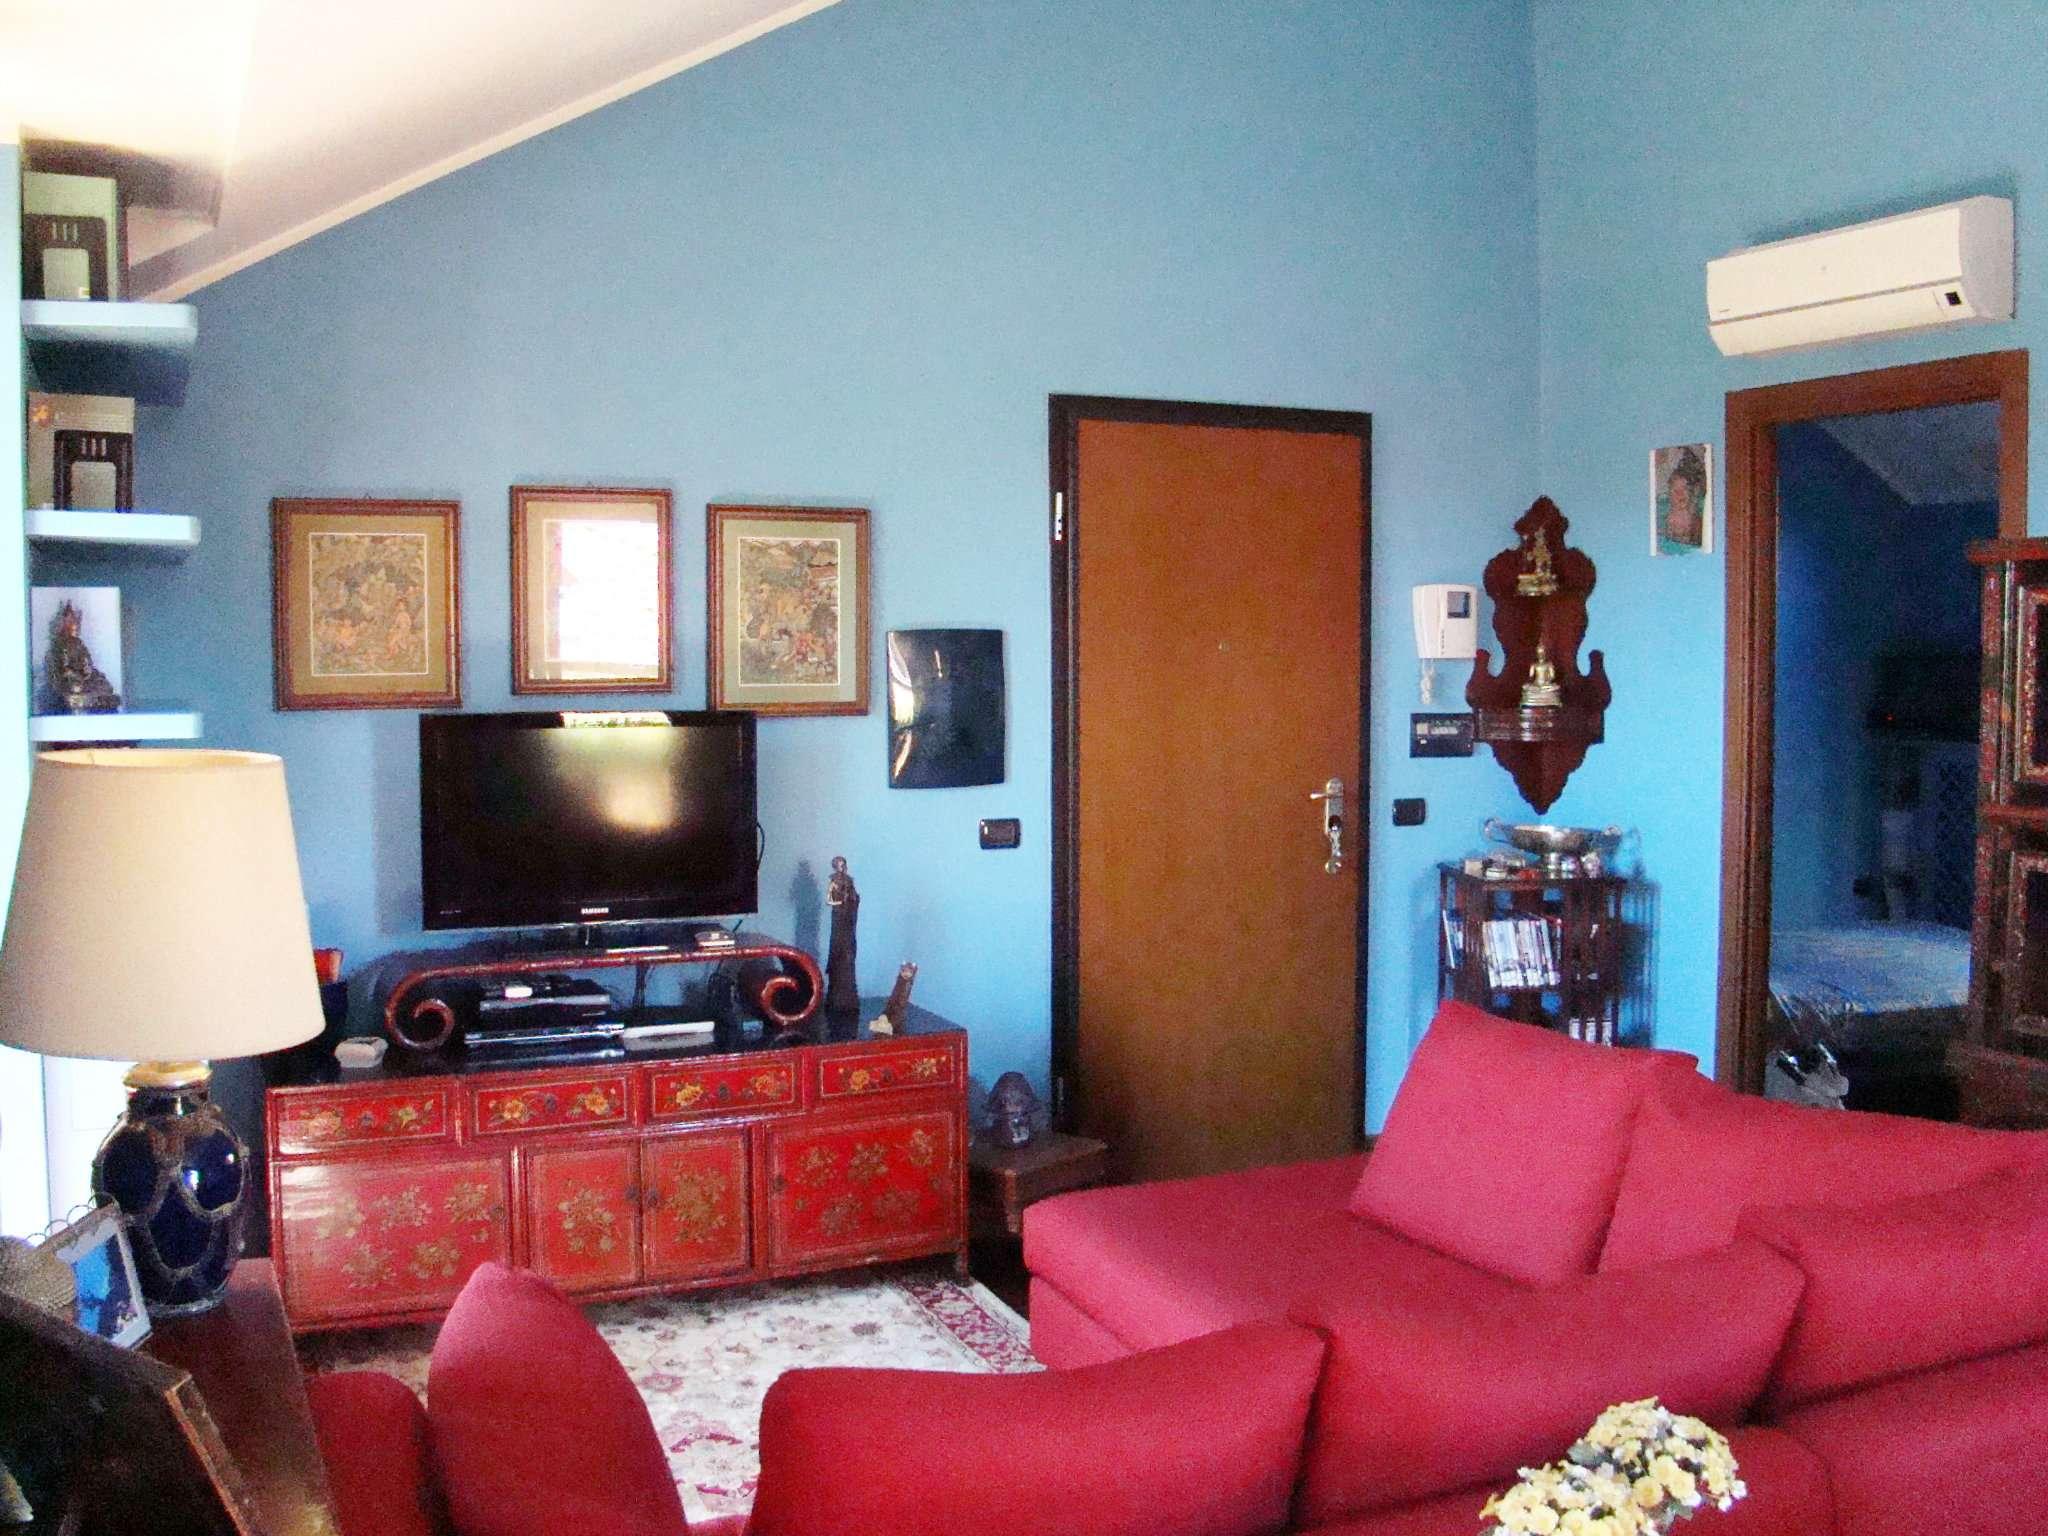 Attico / Mansarda in vendita a Peschiera Borromeo, 2 locali, prezzo € 208.000 | Cambio Casa.it